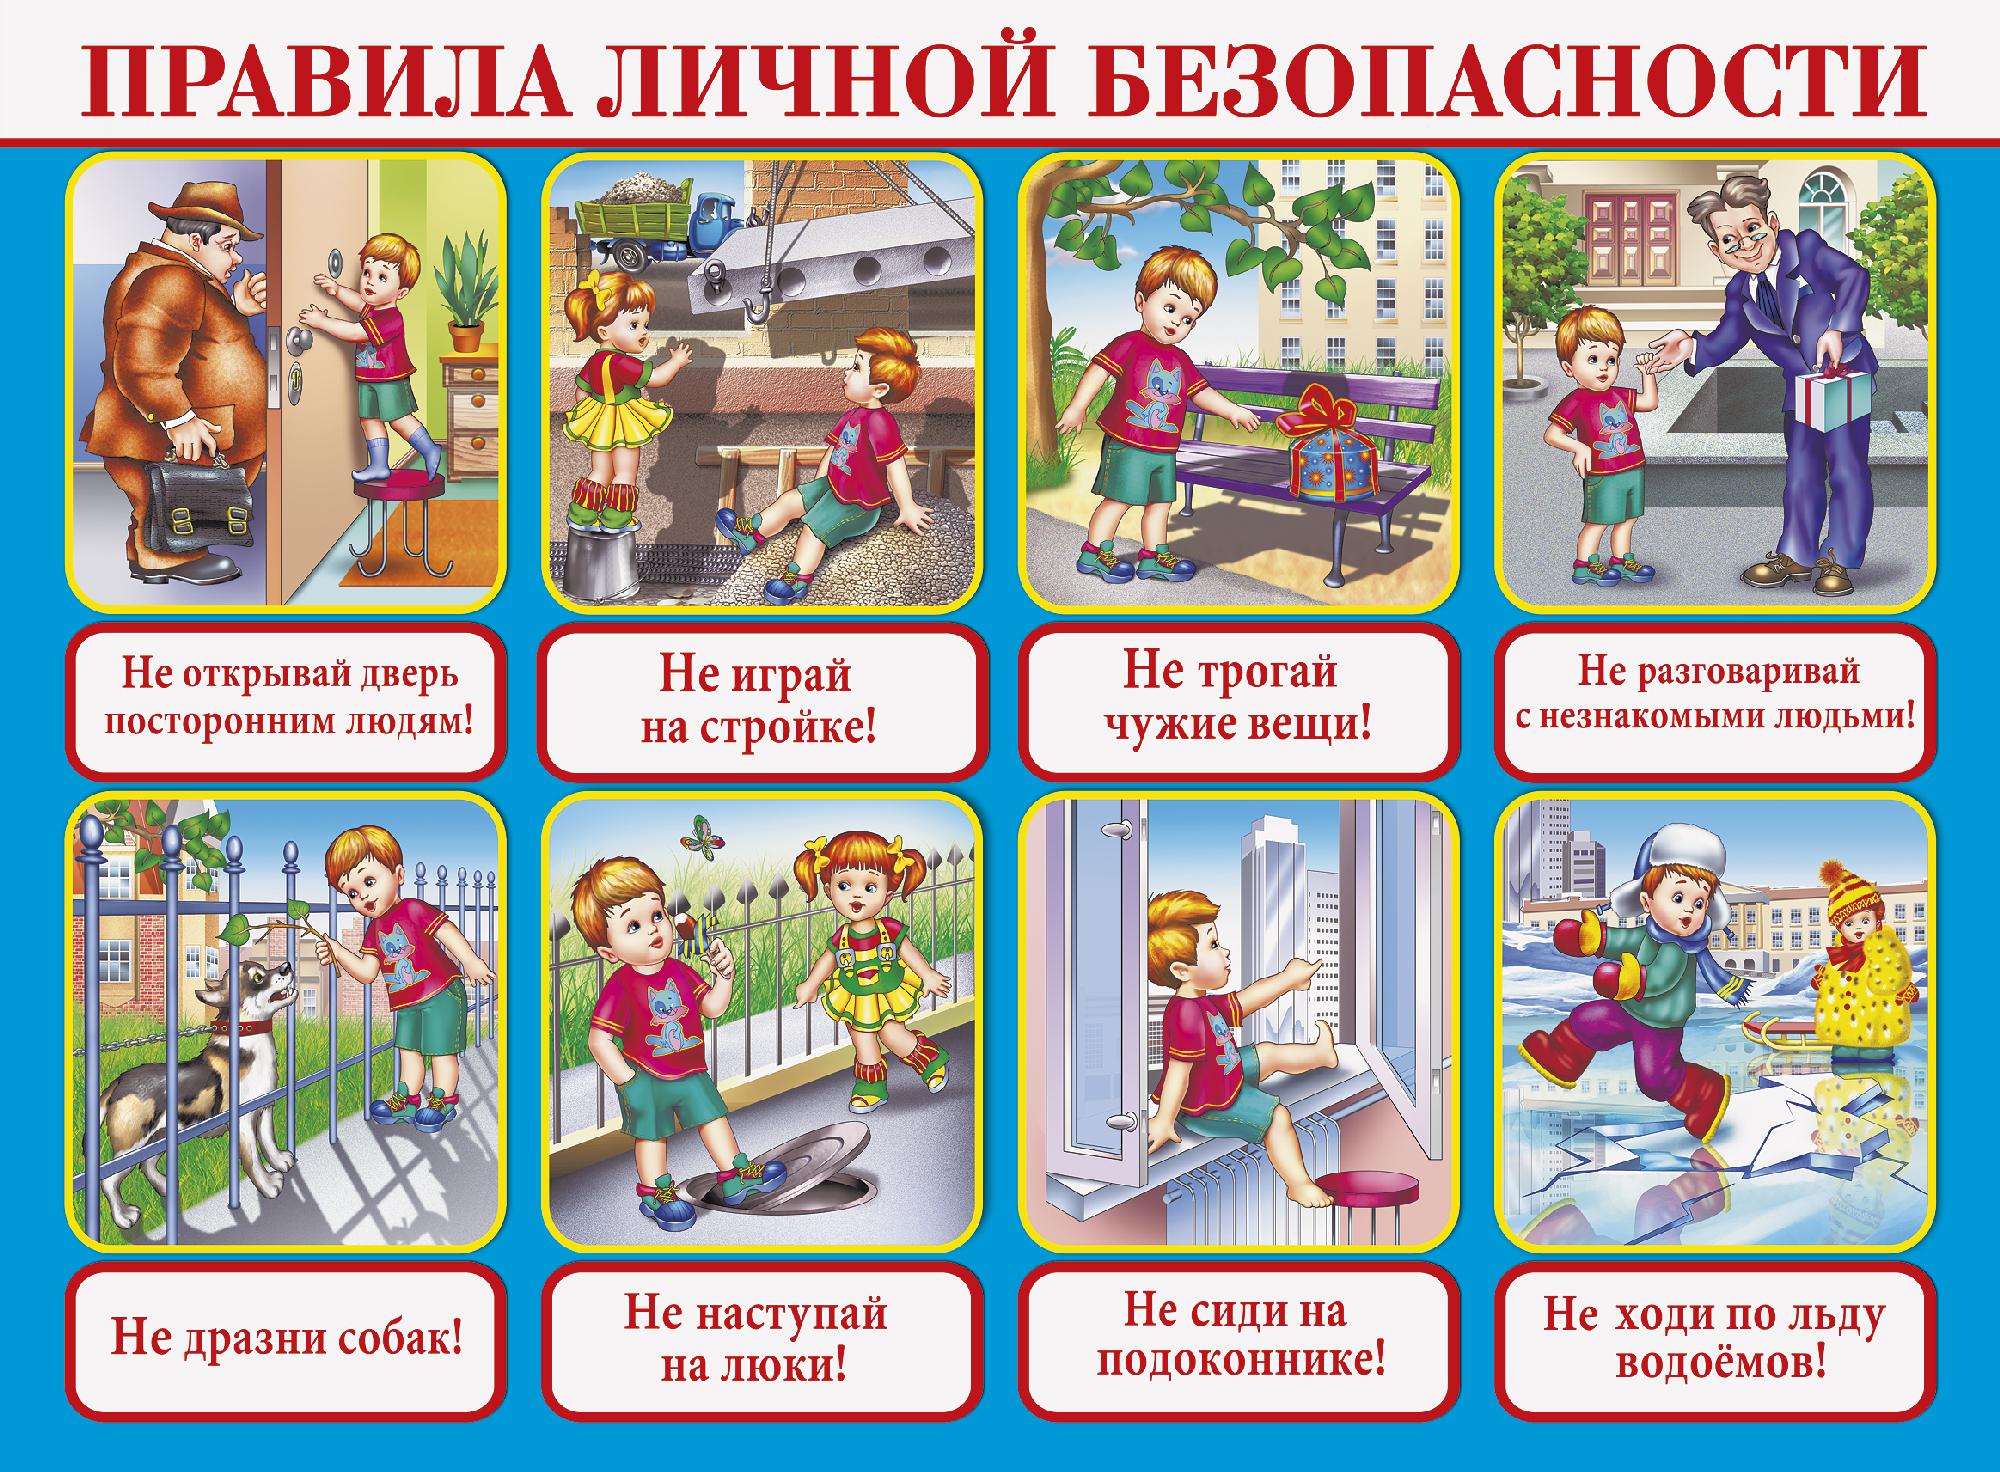 Правила личной безопасности